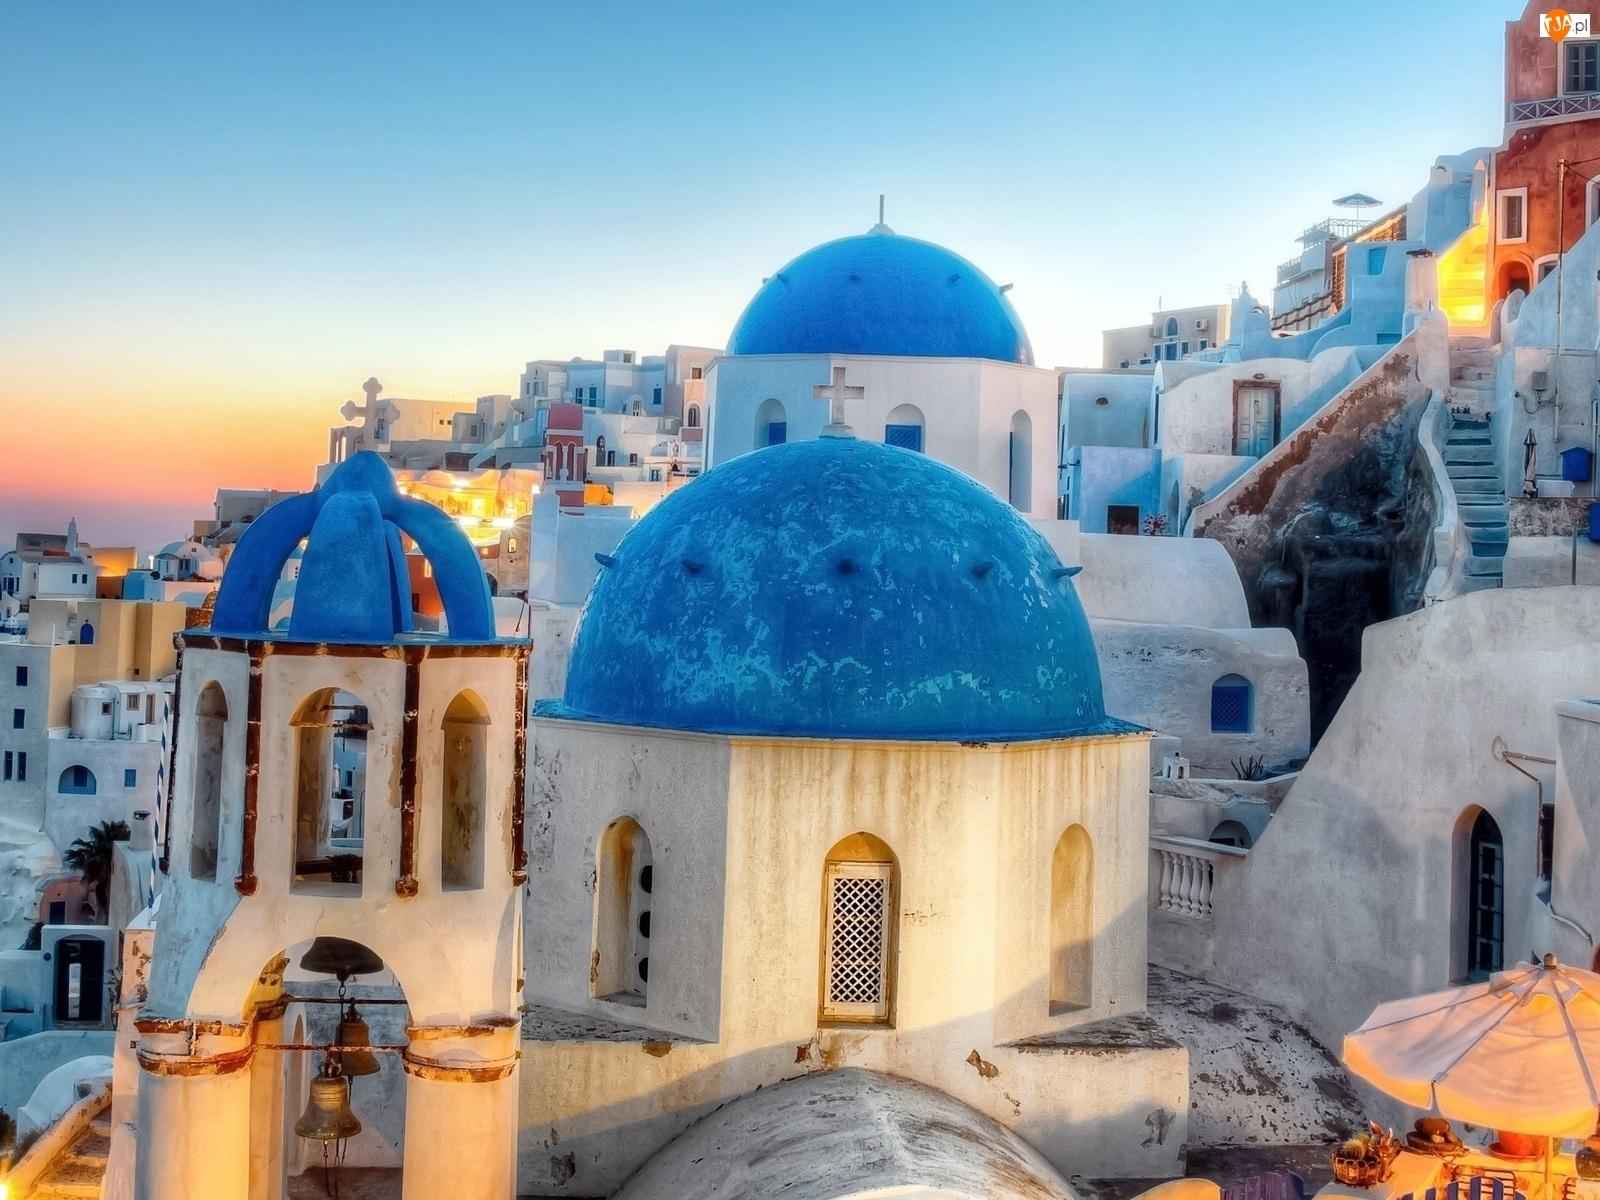 Kopuły, Cerkiew, Grecja, Santorini, Niebieskie